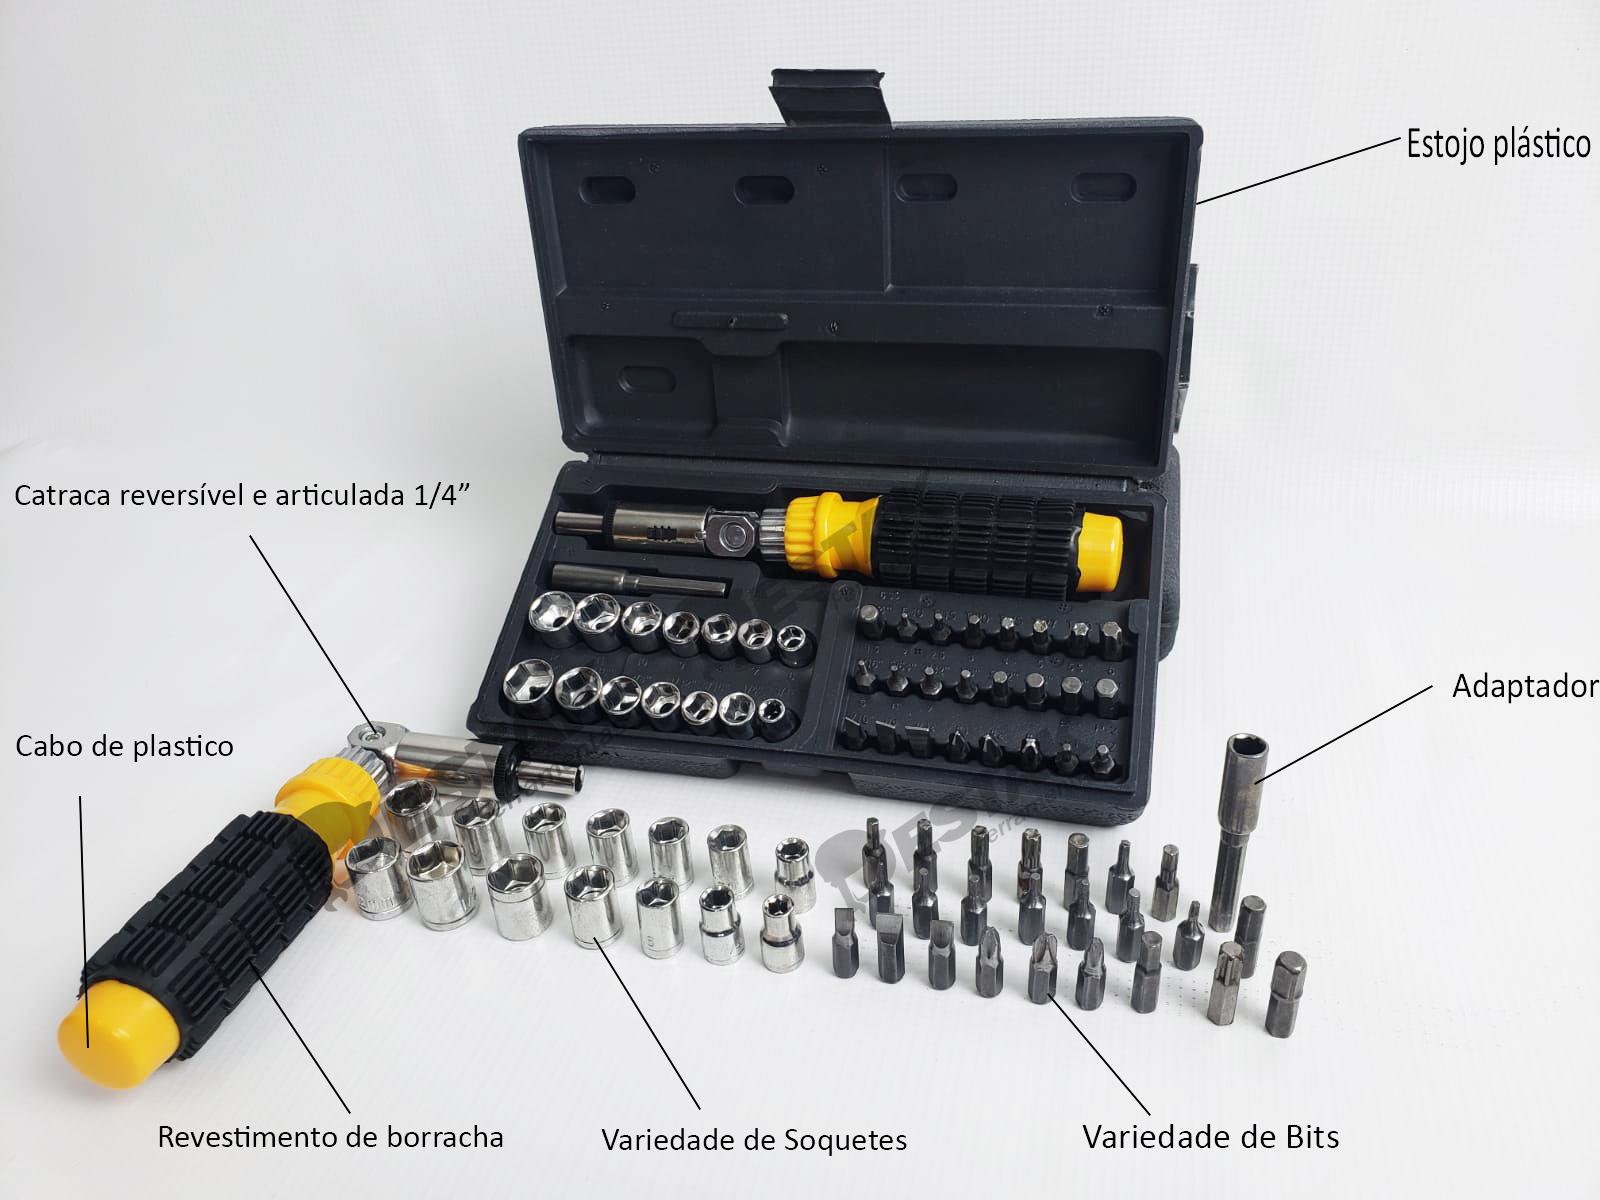 Kit 50 Ferramentas Chave Canhão 5 À 14mm Soquete E Catraca